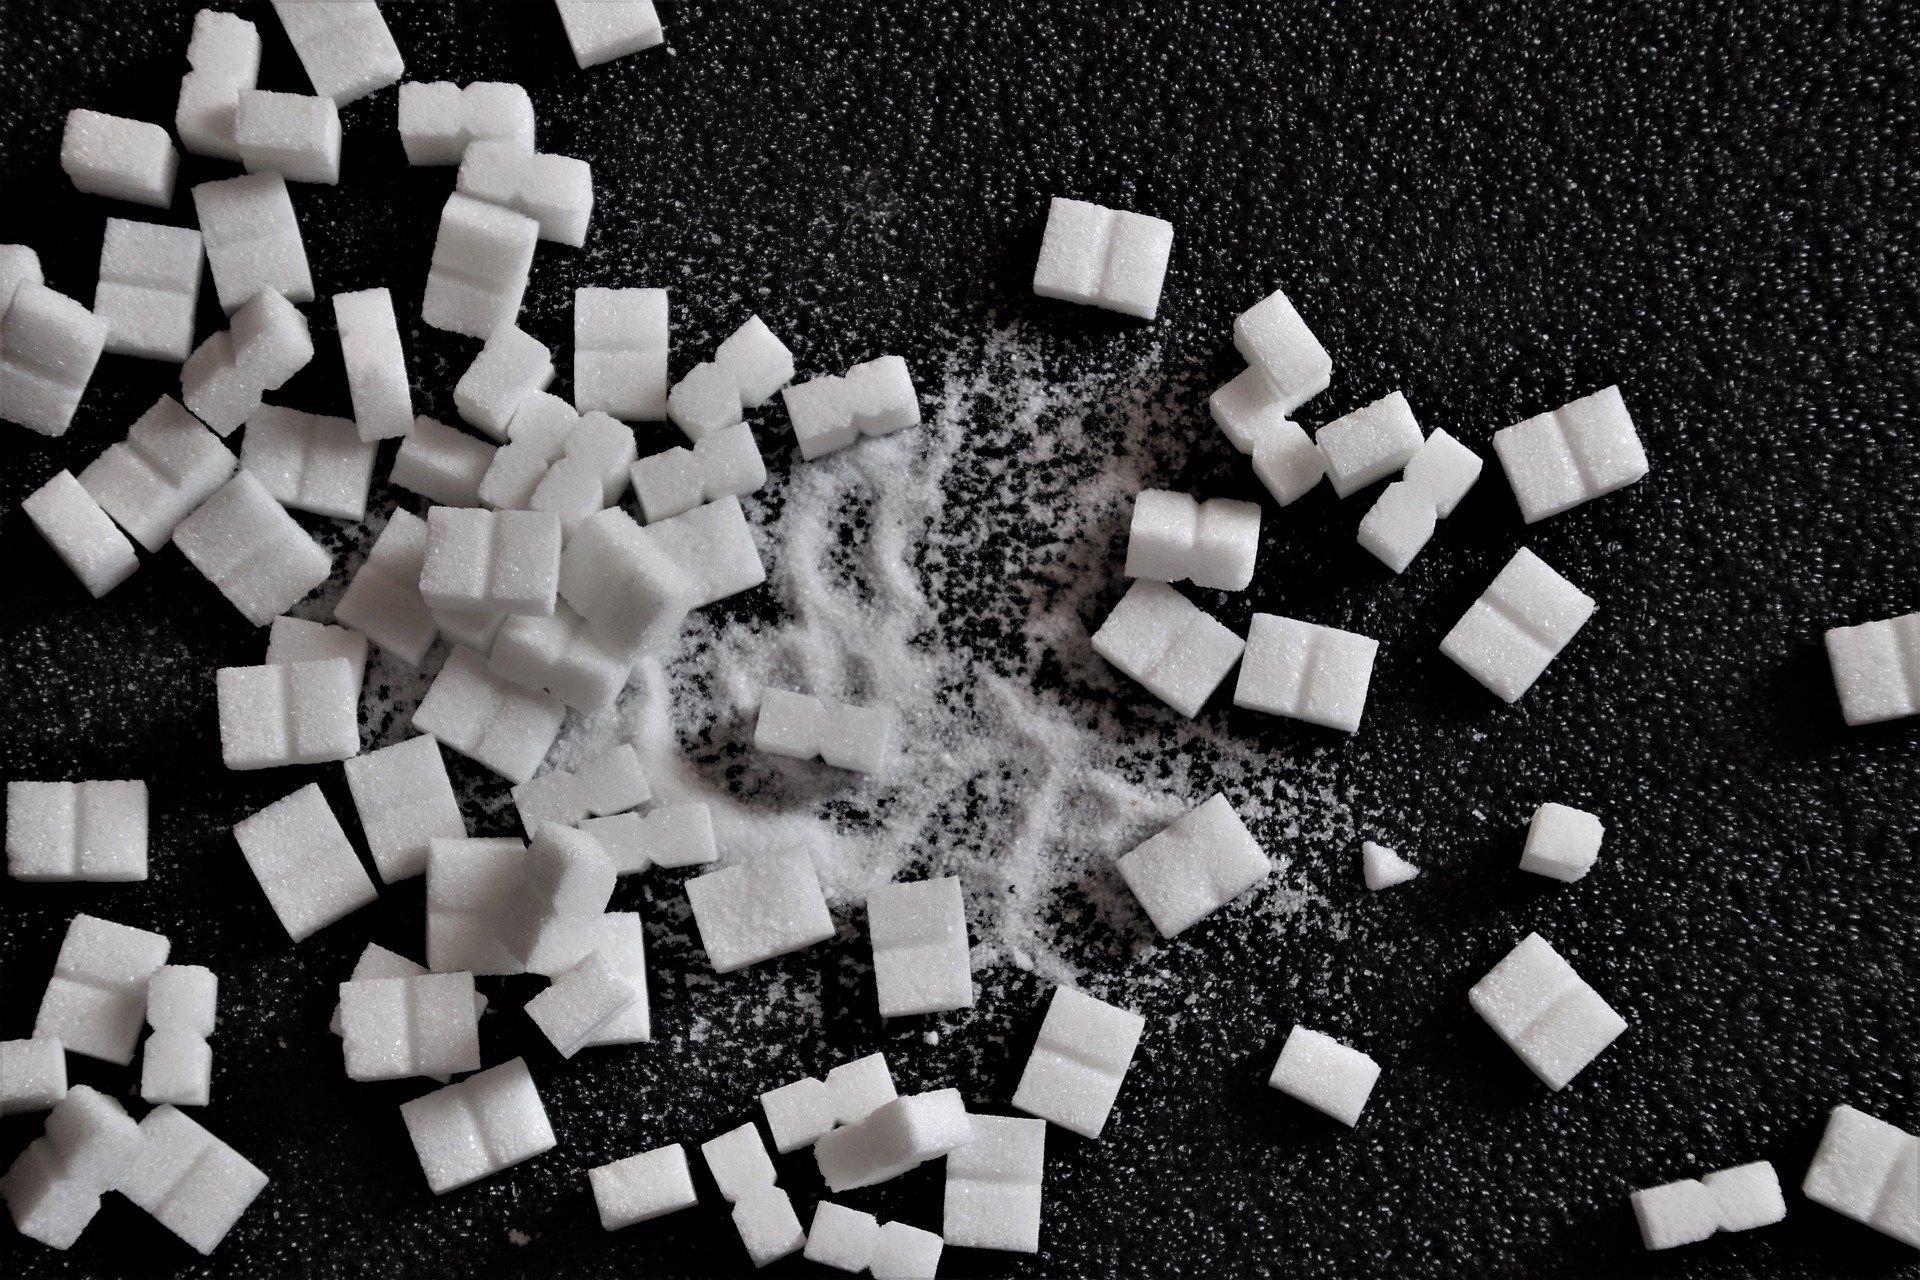 Ernährungstipp 1: Weniger Süßigkeiten, Limonaden und Säfte!